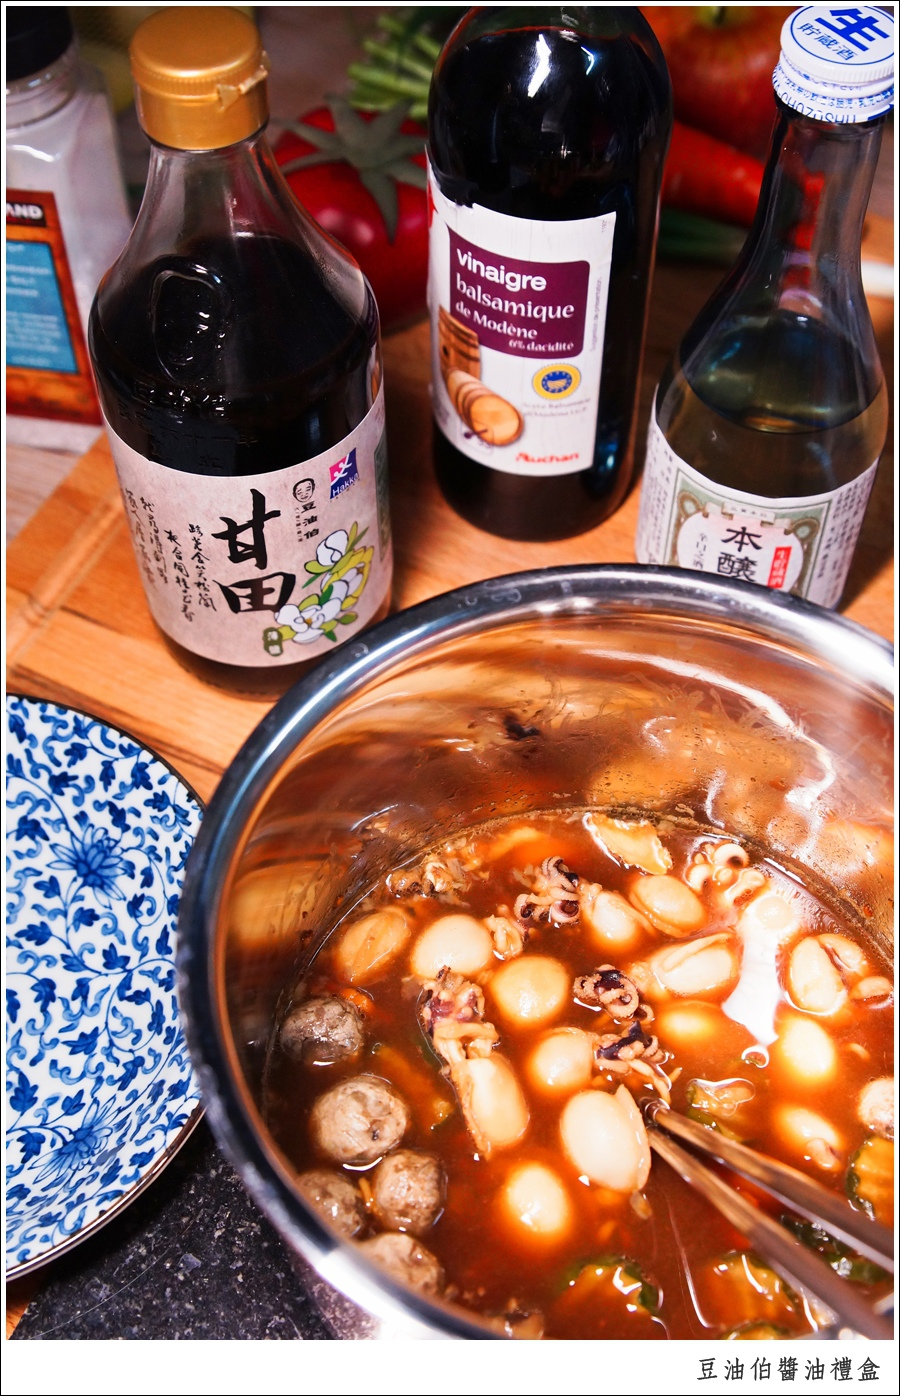 甜釀花枝寶寶-醬油料理推薦-豆油伯醬油伴手禮盒3-millychun0040.jpg